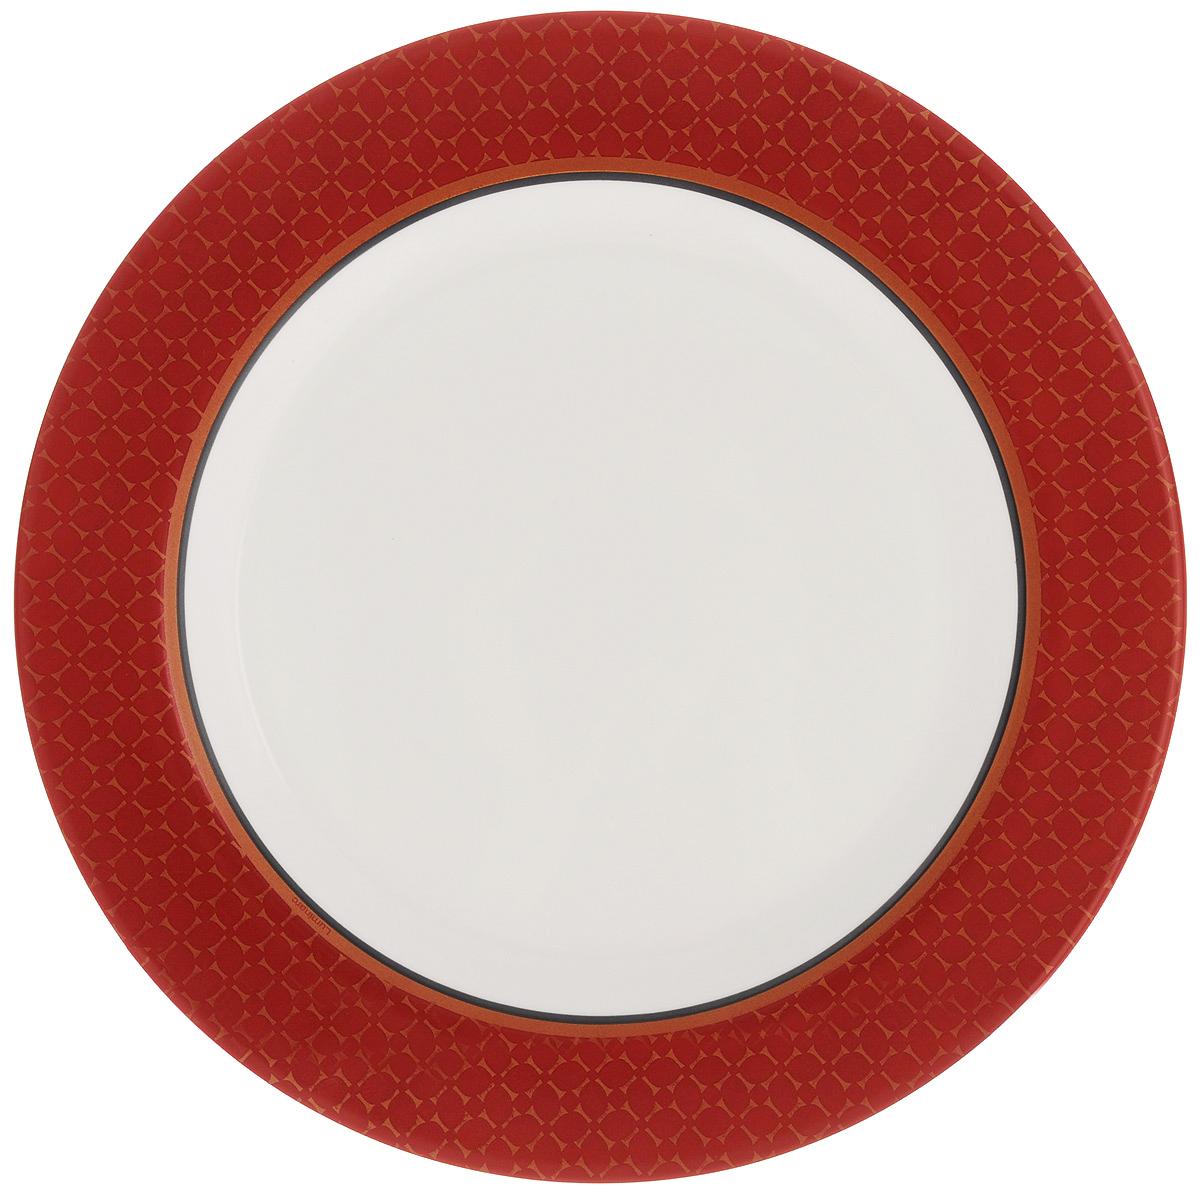 Тарелка обеденная Luminarc Alto, диаметр 27,5 смJ3737Обеденная тарелка Luminarc Alto, изготовленная из высококачественного стекла, имеет изысканный внешний вид. Яркий дизайн придется по вкусу и ценителям классики, и тем, кто предпочитает утонченность. Тарелка Luminarc Alto идеально подойдет для сервировки стола и станет отличным подарком к любому празднику.Диаметр (по верхнему краю): 27,5 см.